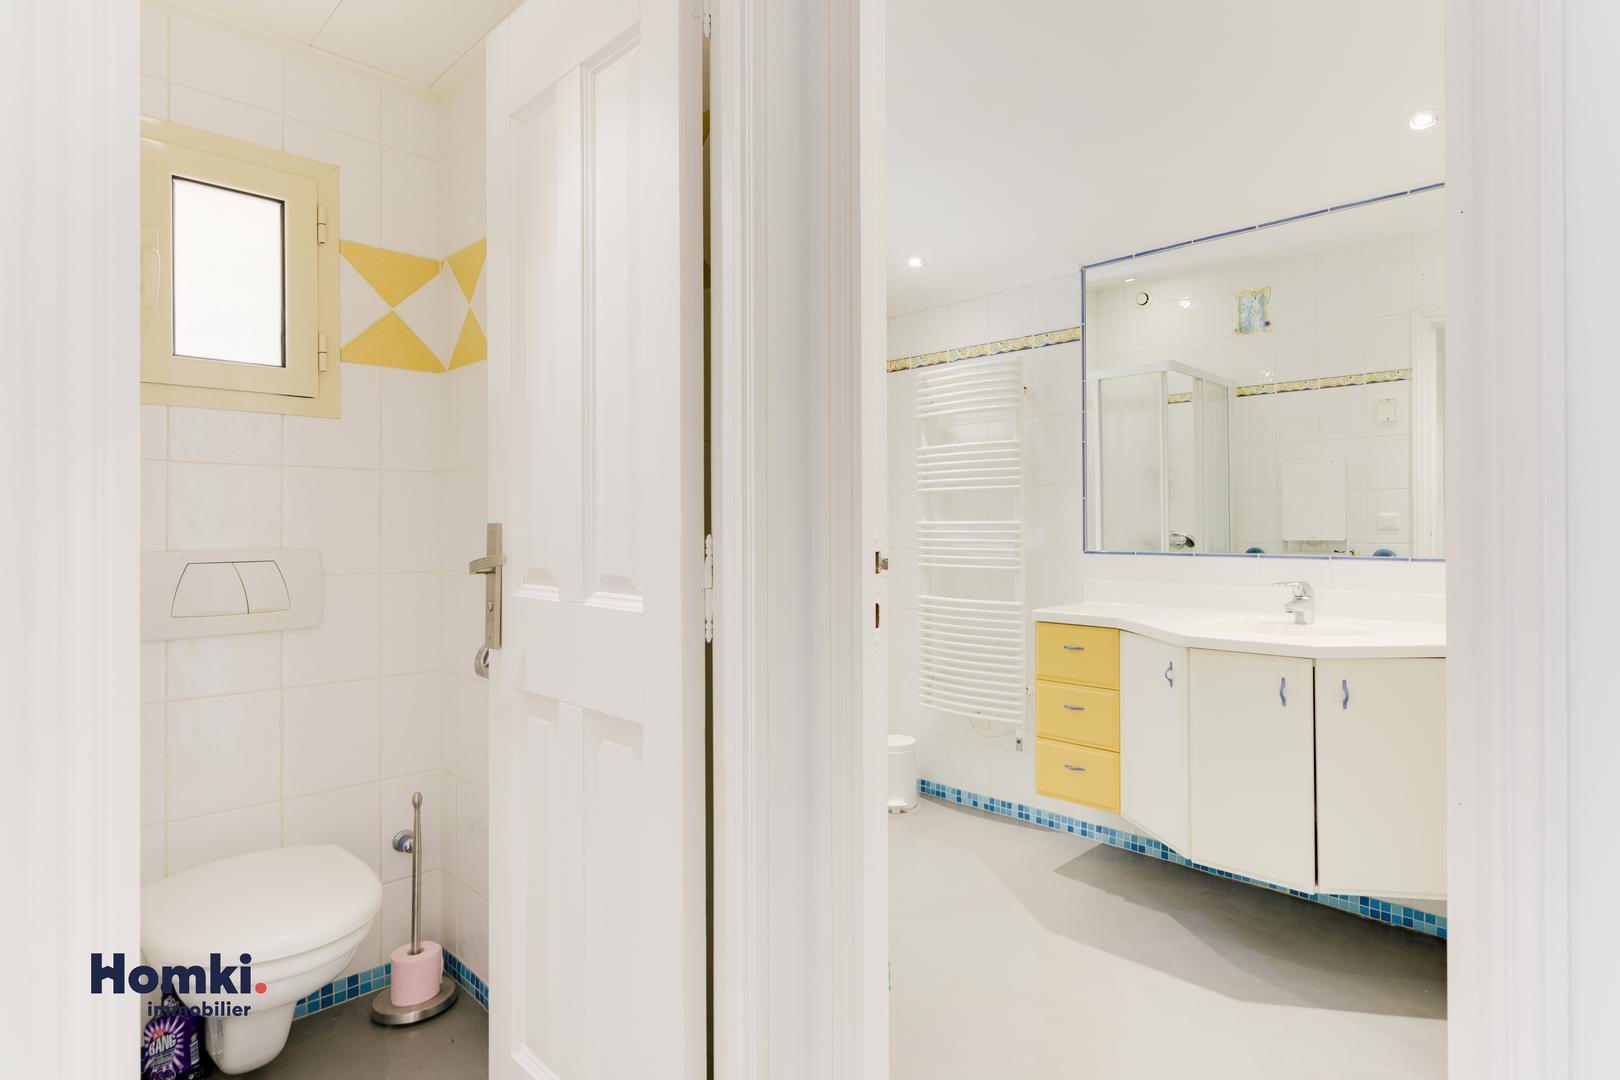 Vente Maison 160 m² T5 06440_11